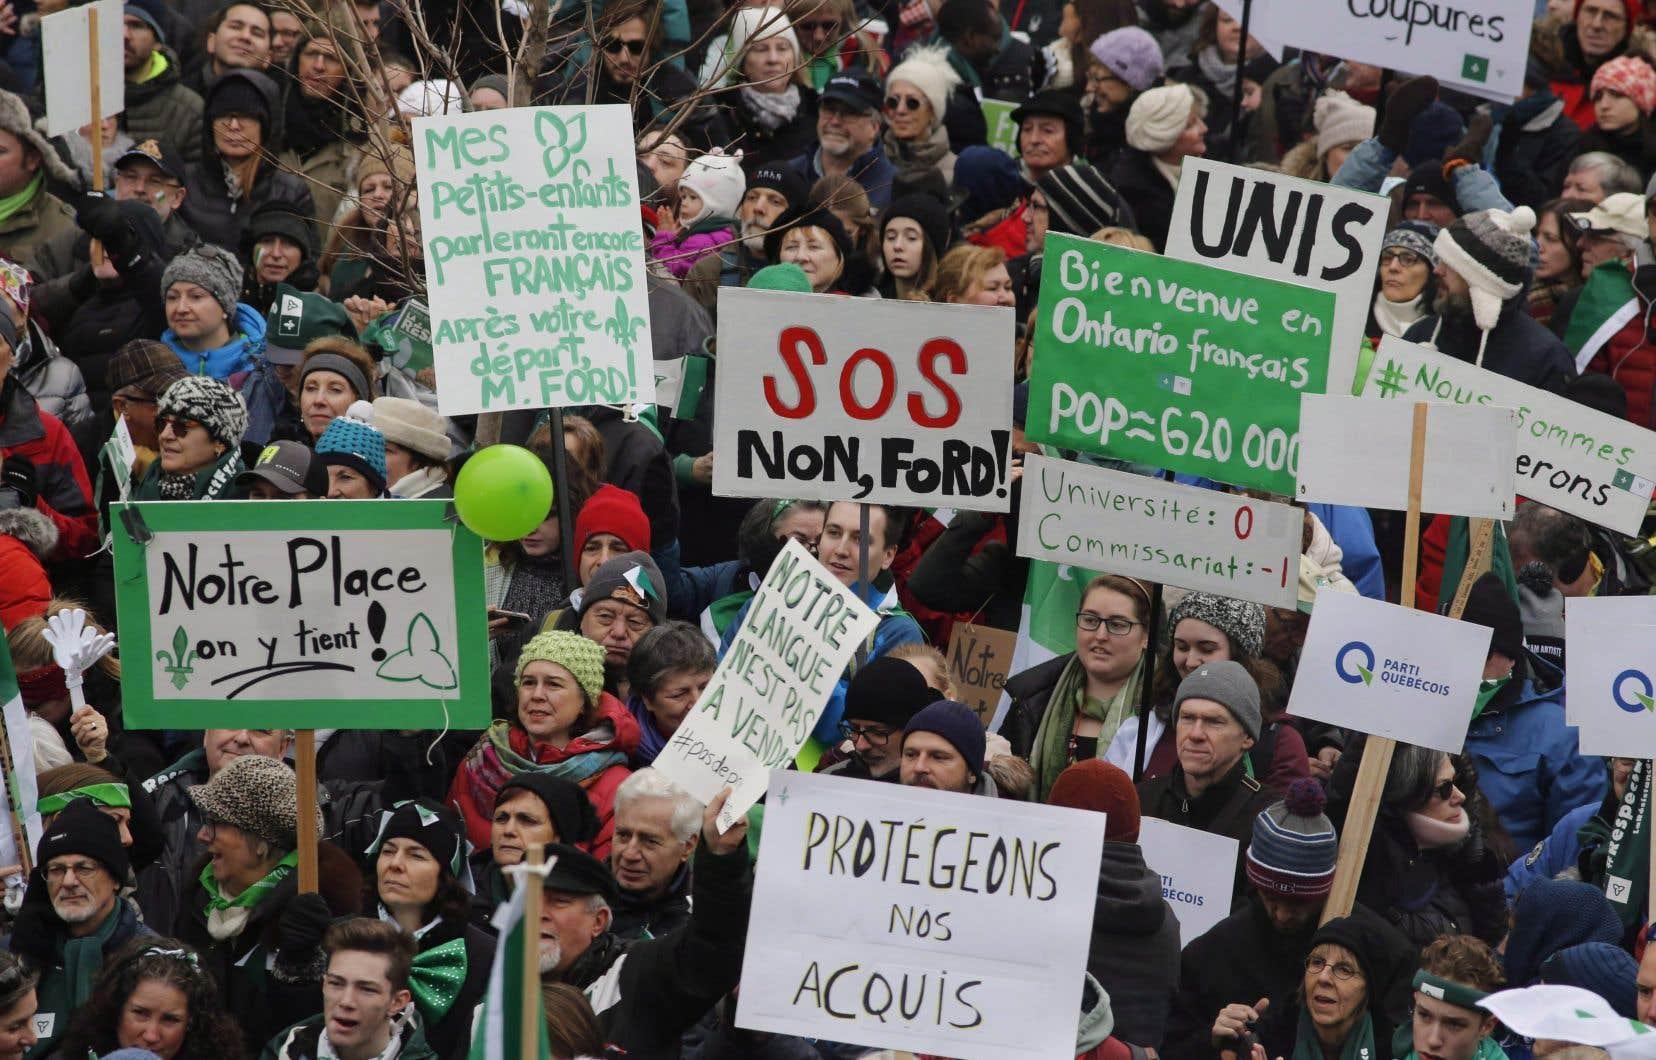 Une manifestation de Franco-ontariens en décembre 2018